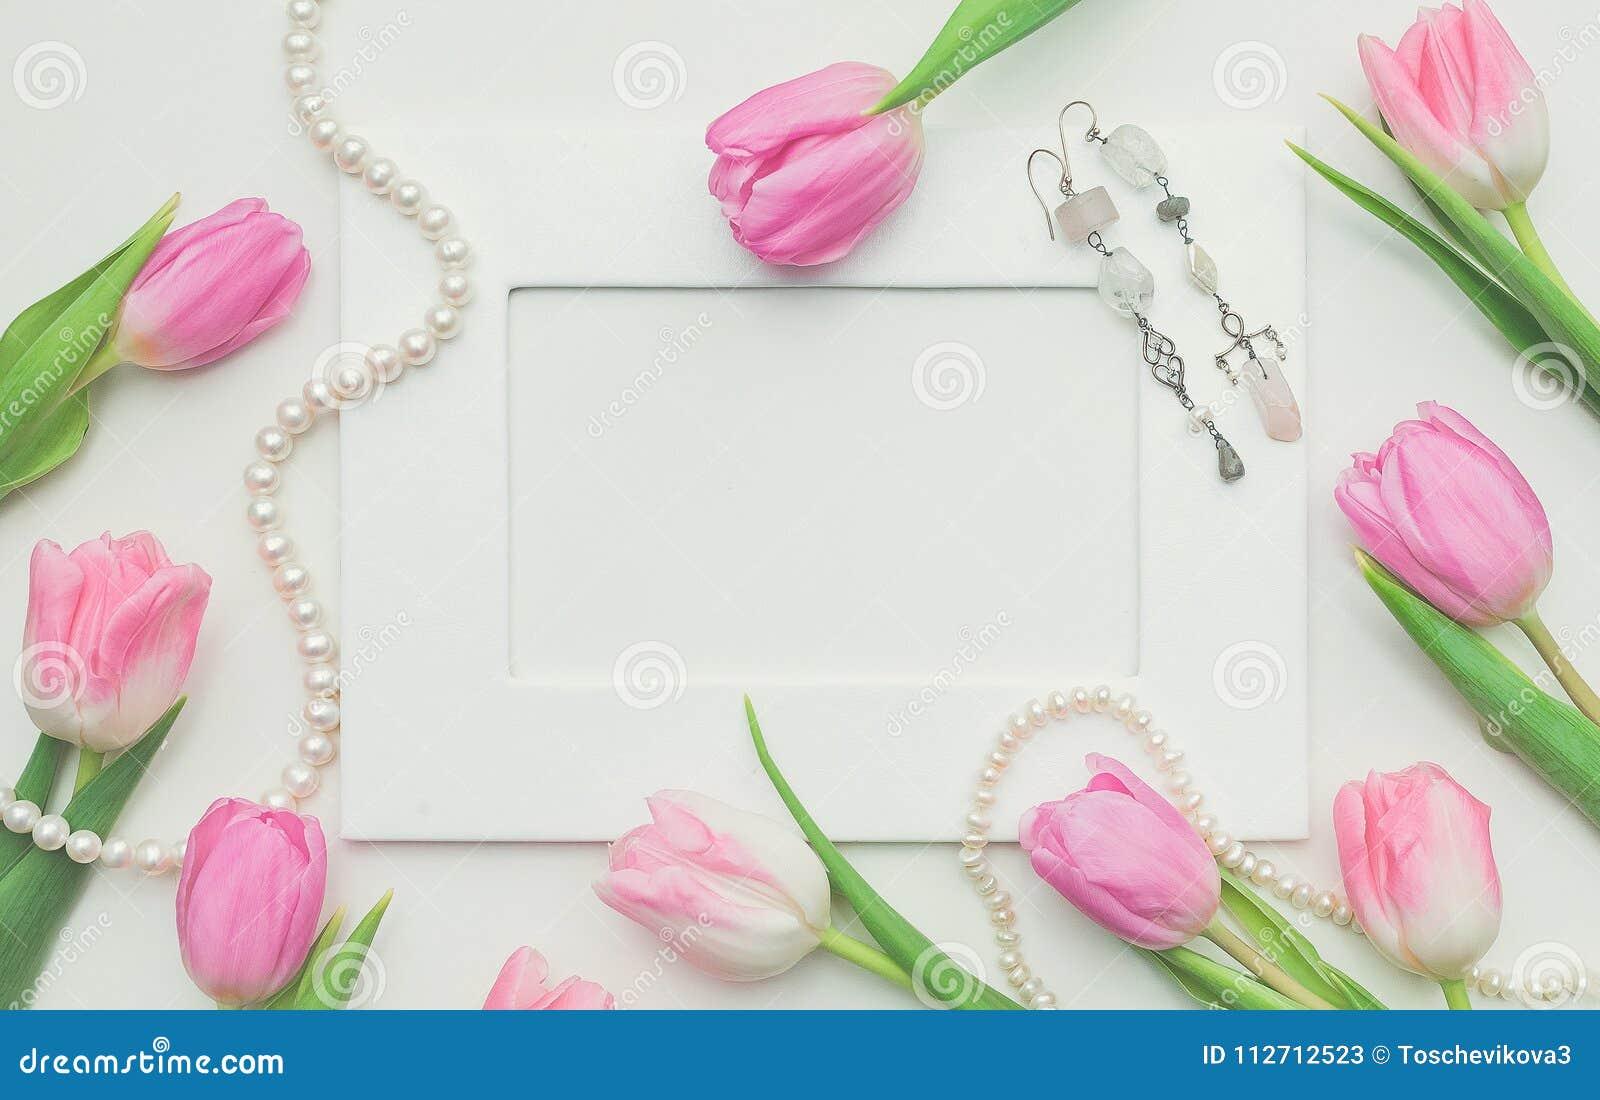 Tulipanes, Marco De La Foto, Pendientes Y Cadena Rosados De Perlas ...